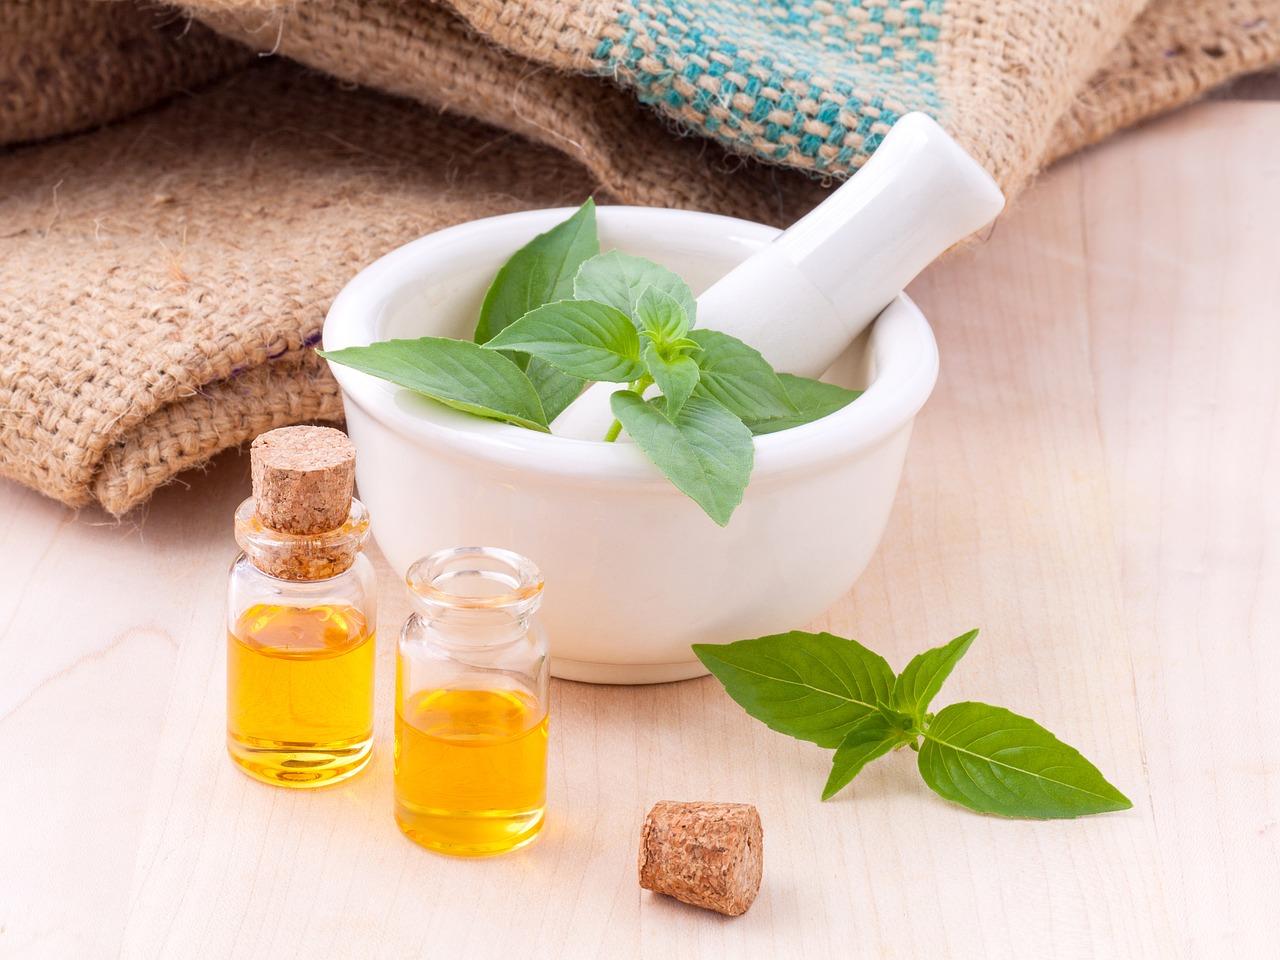 Aromaterapi æteriske olier: Syv ting du bør vide